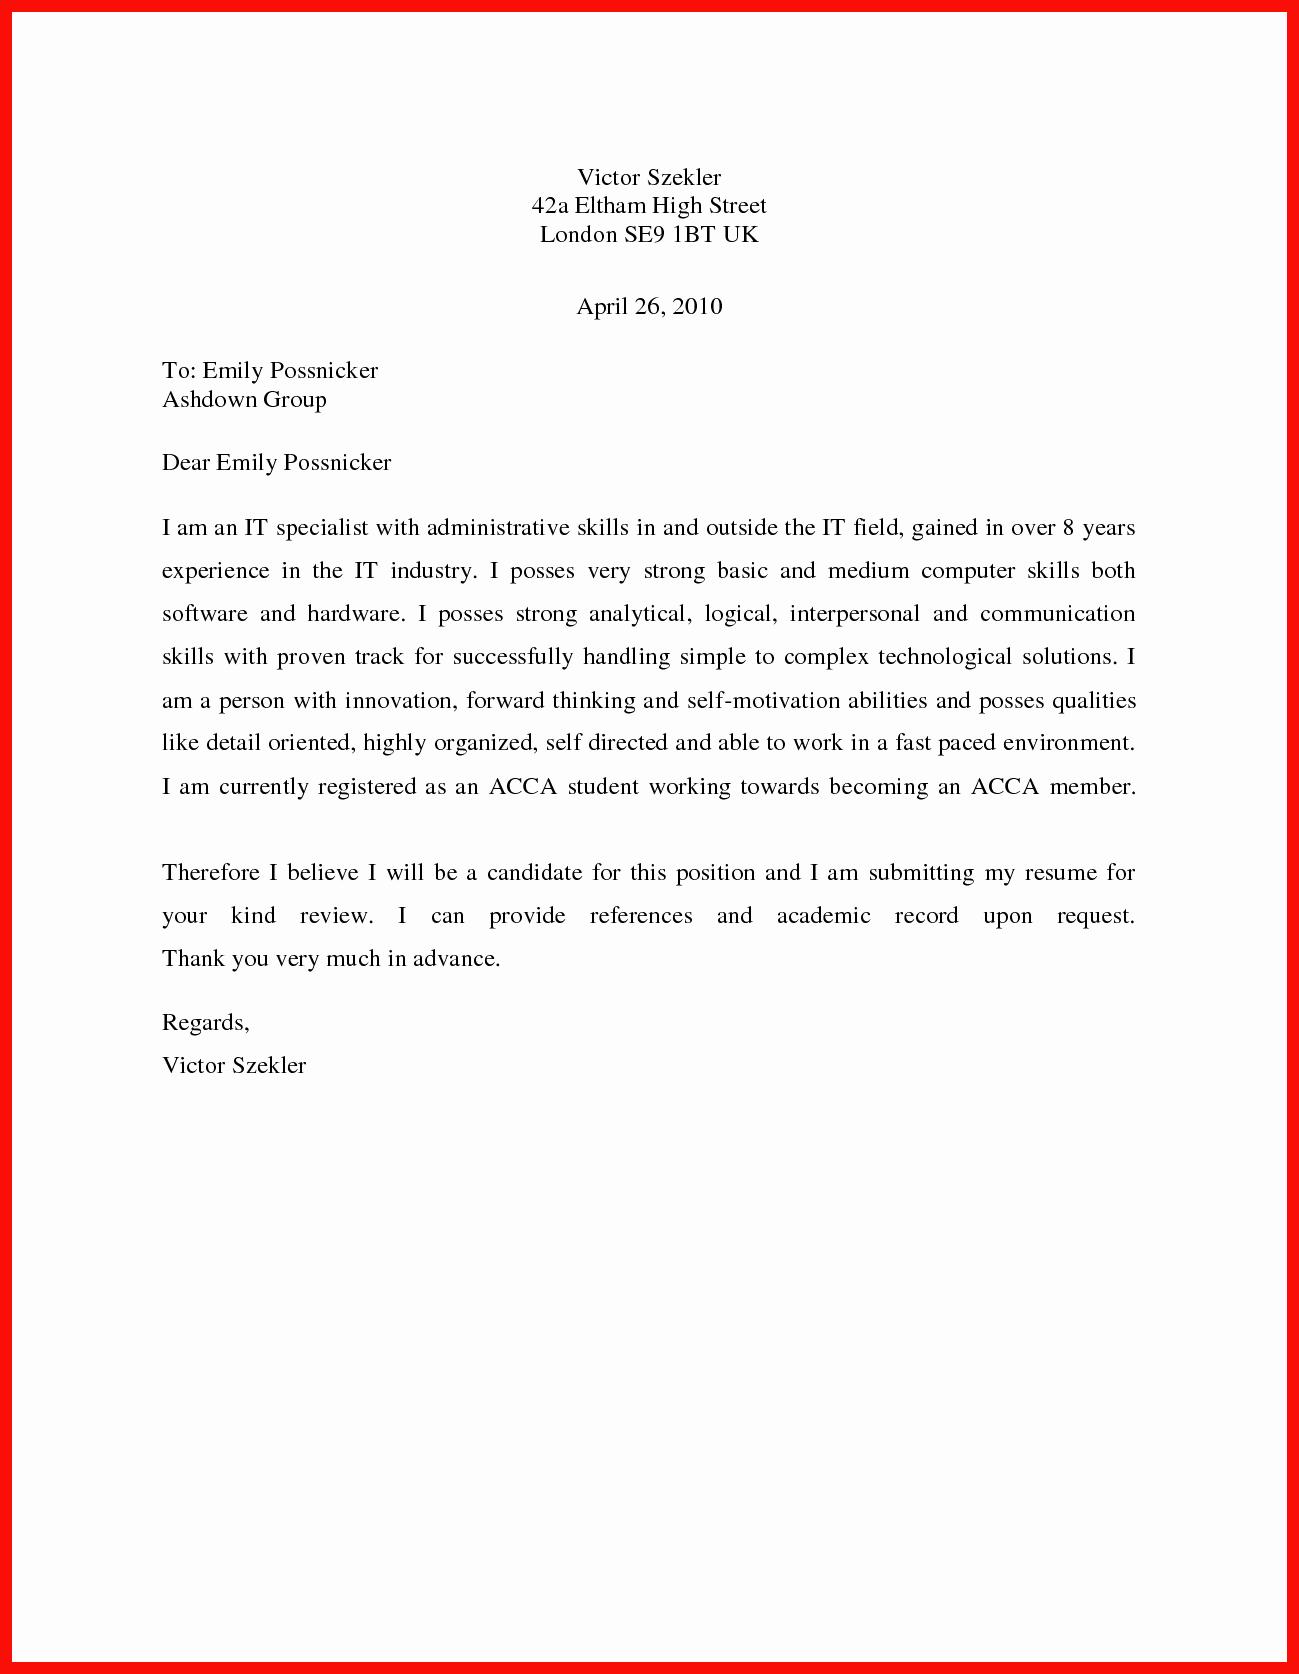 Basic Resume Cover Letter Template Fresh Basic Cover Letter Sample